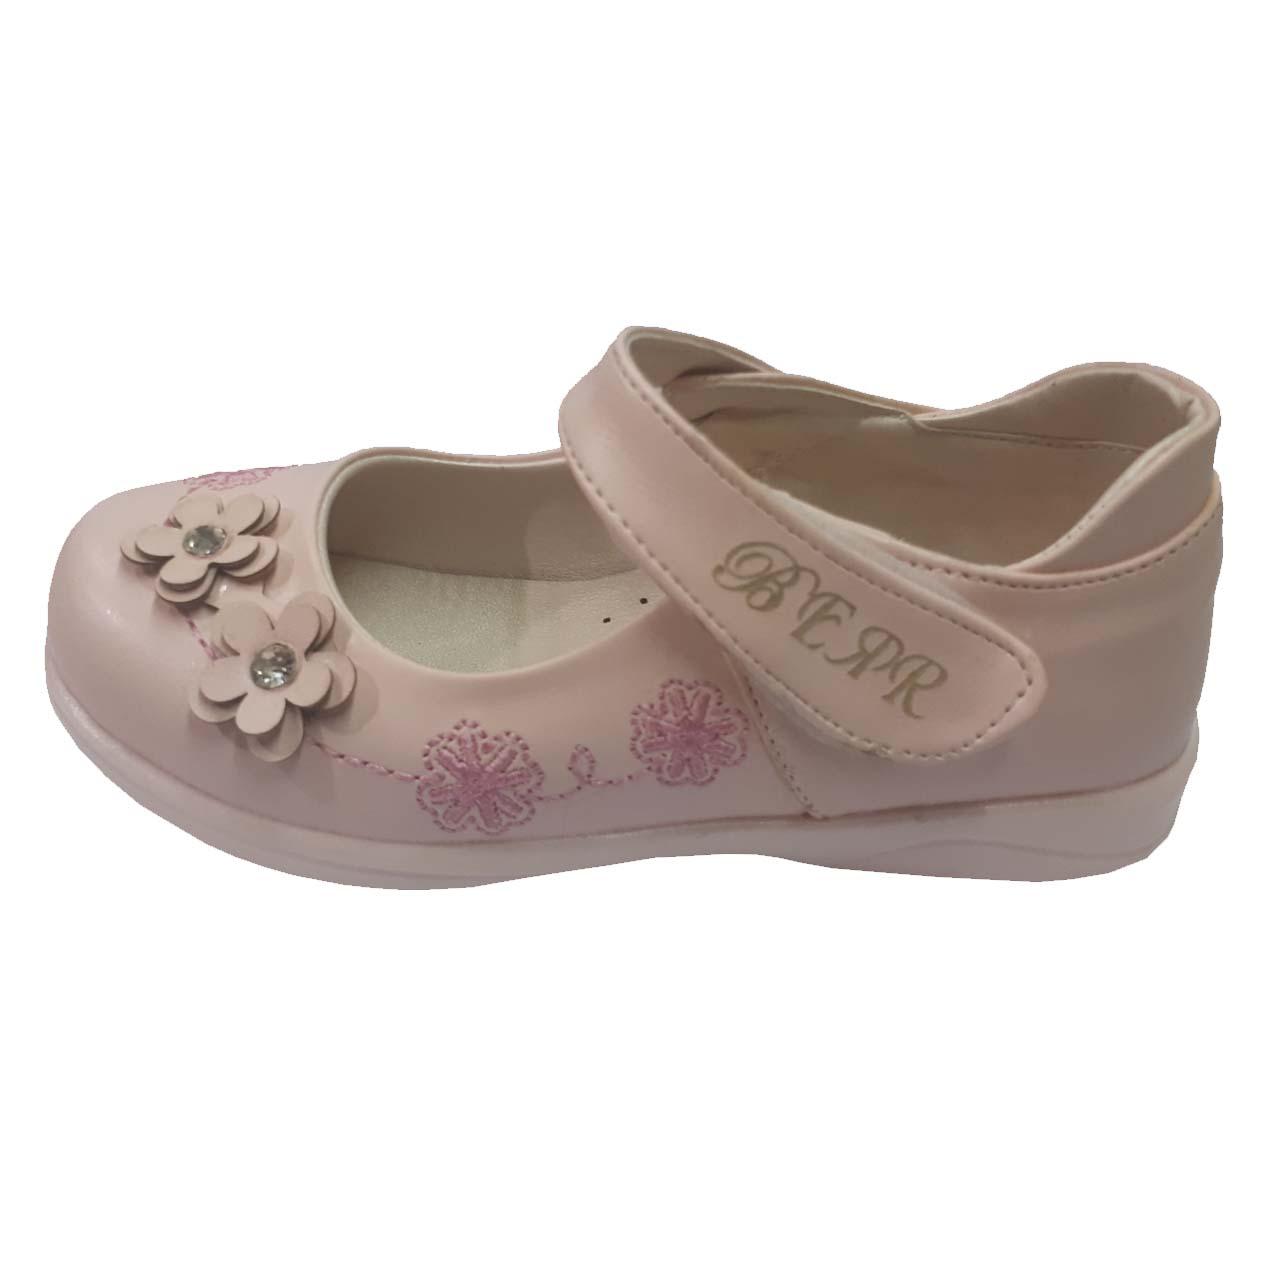 کفش بچگانه مدل دارا رنگ کالباسی